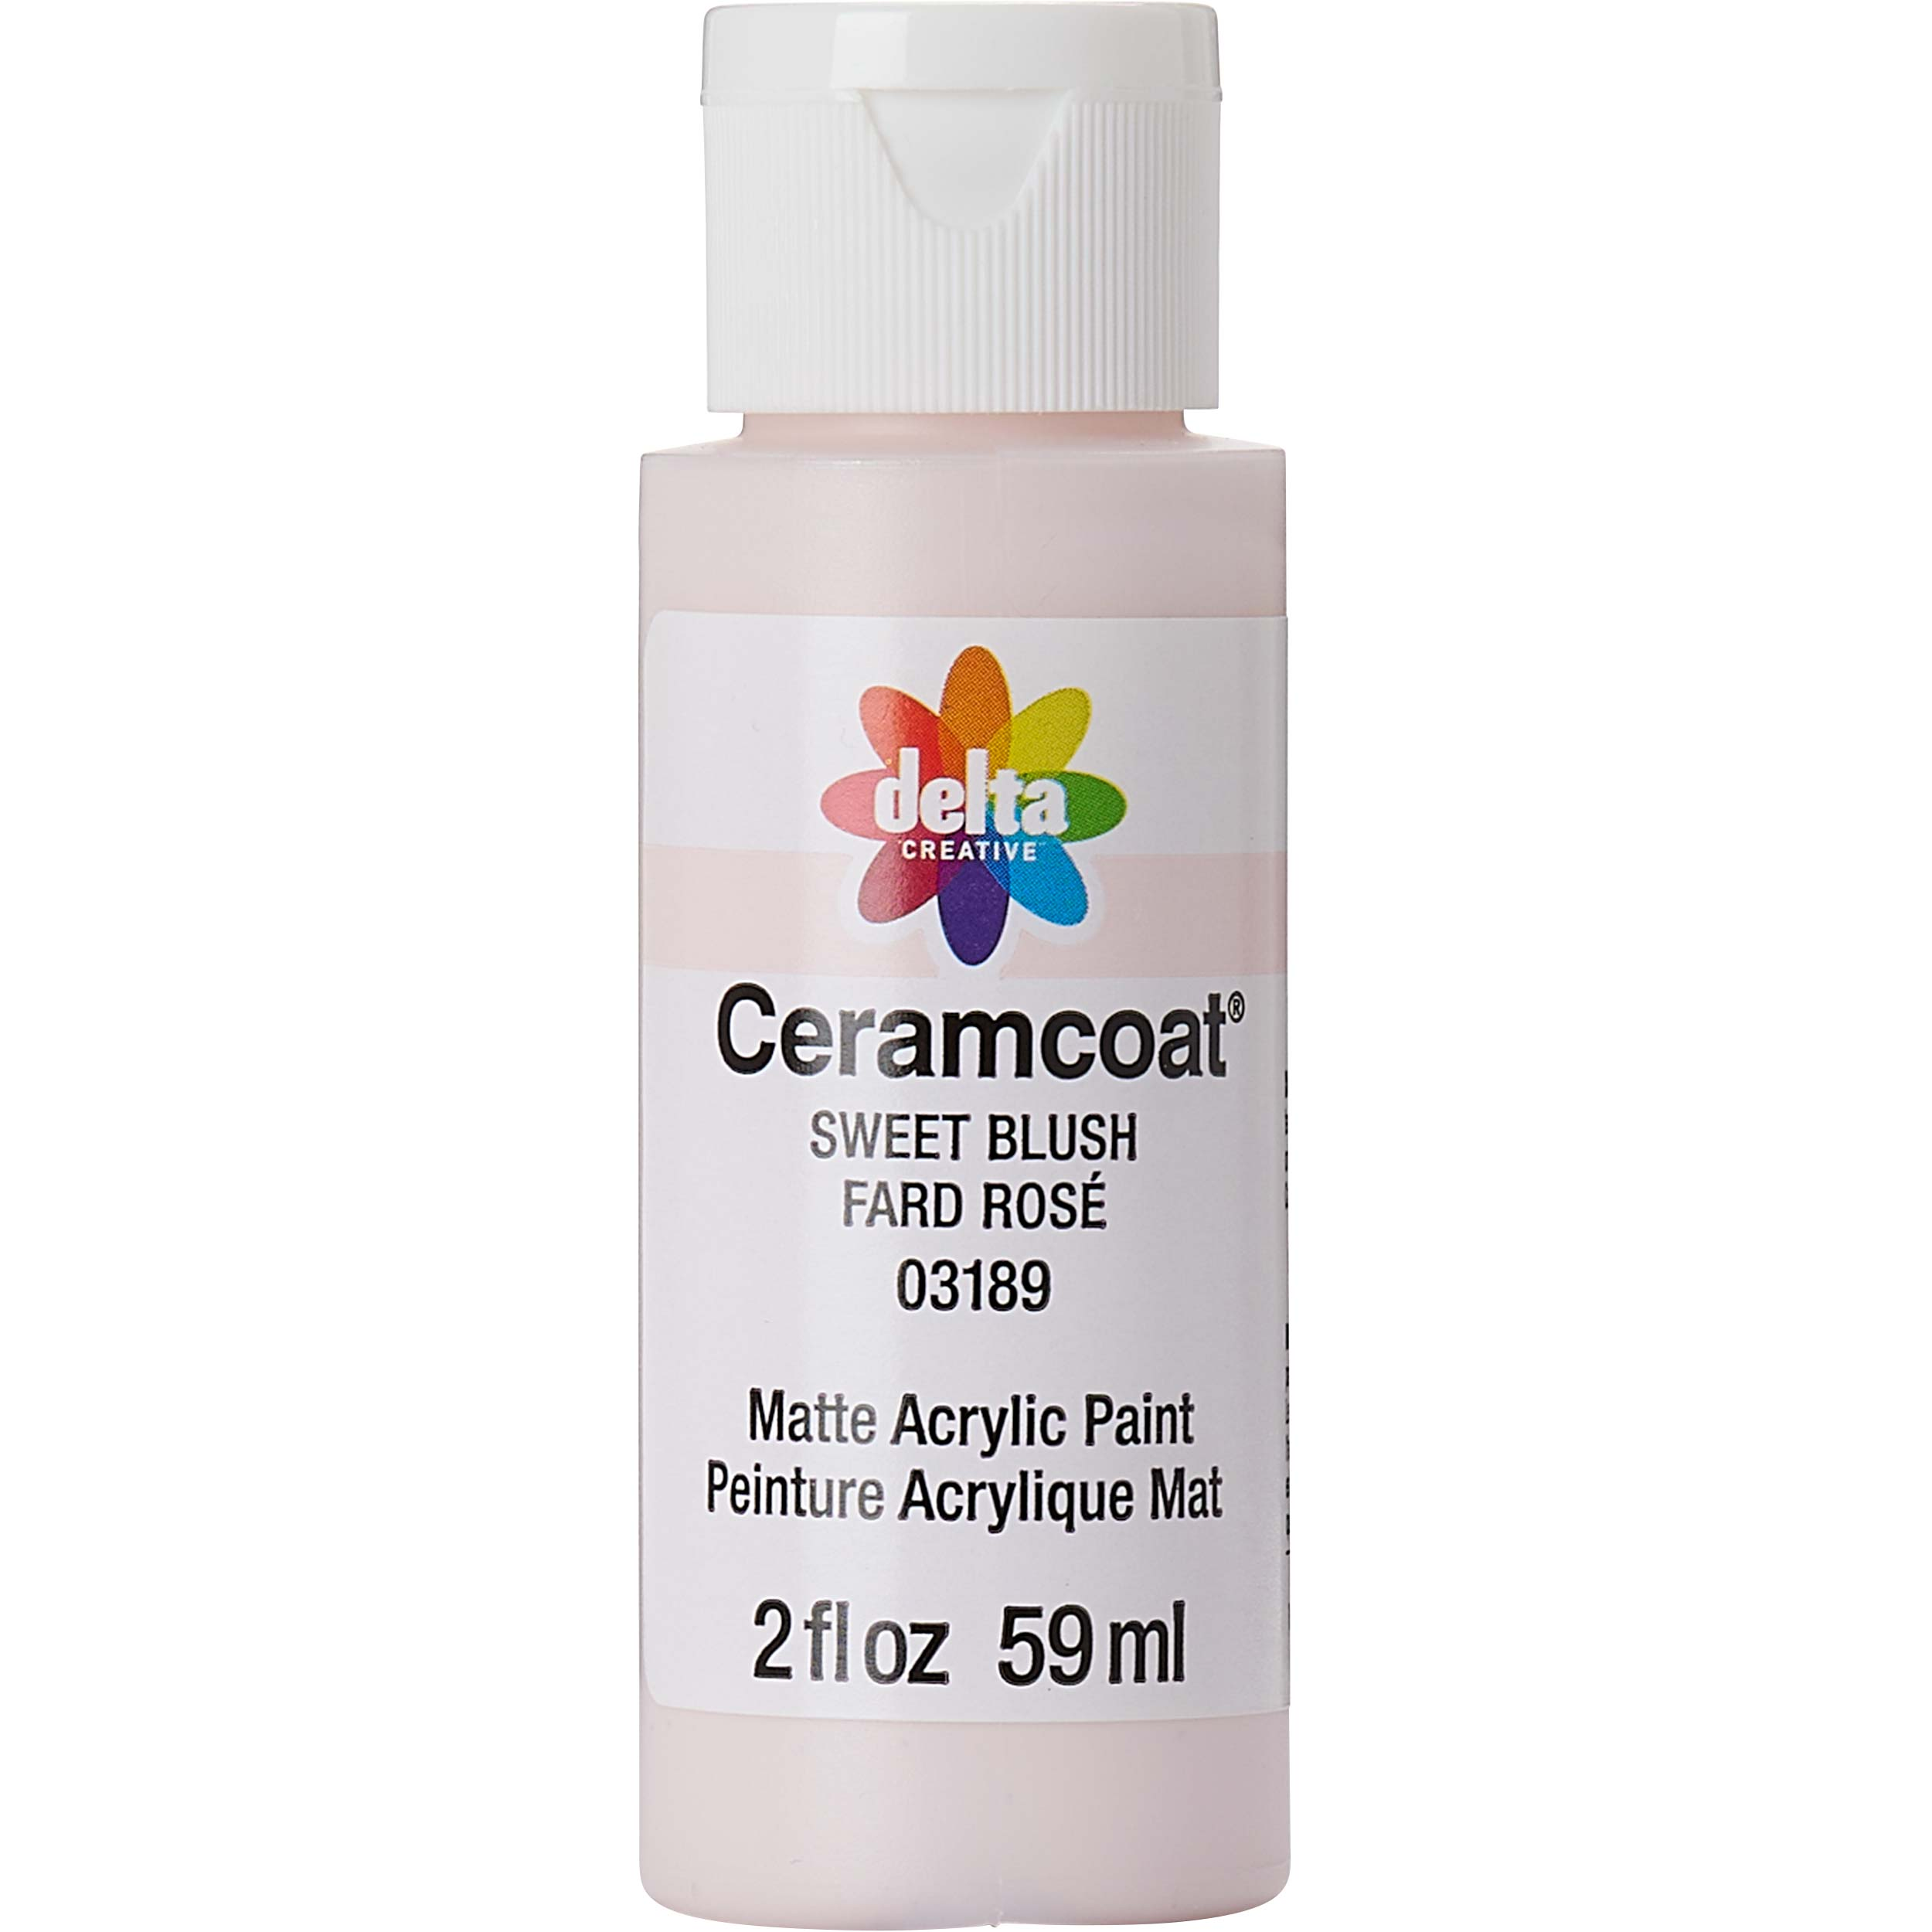 Delta Ceramcoat Acrylic Paint - Sweet Blush, 2 oz. - 03189